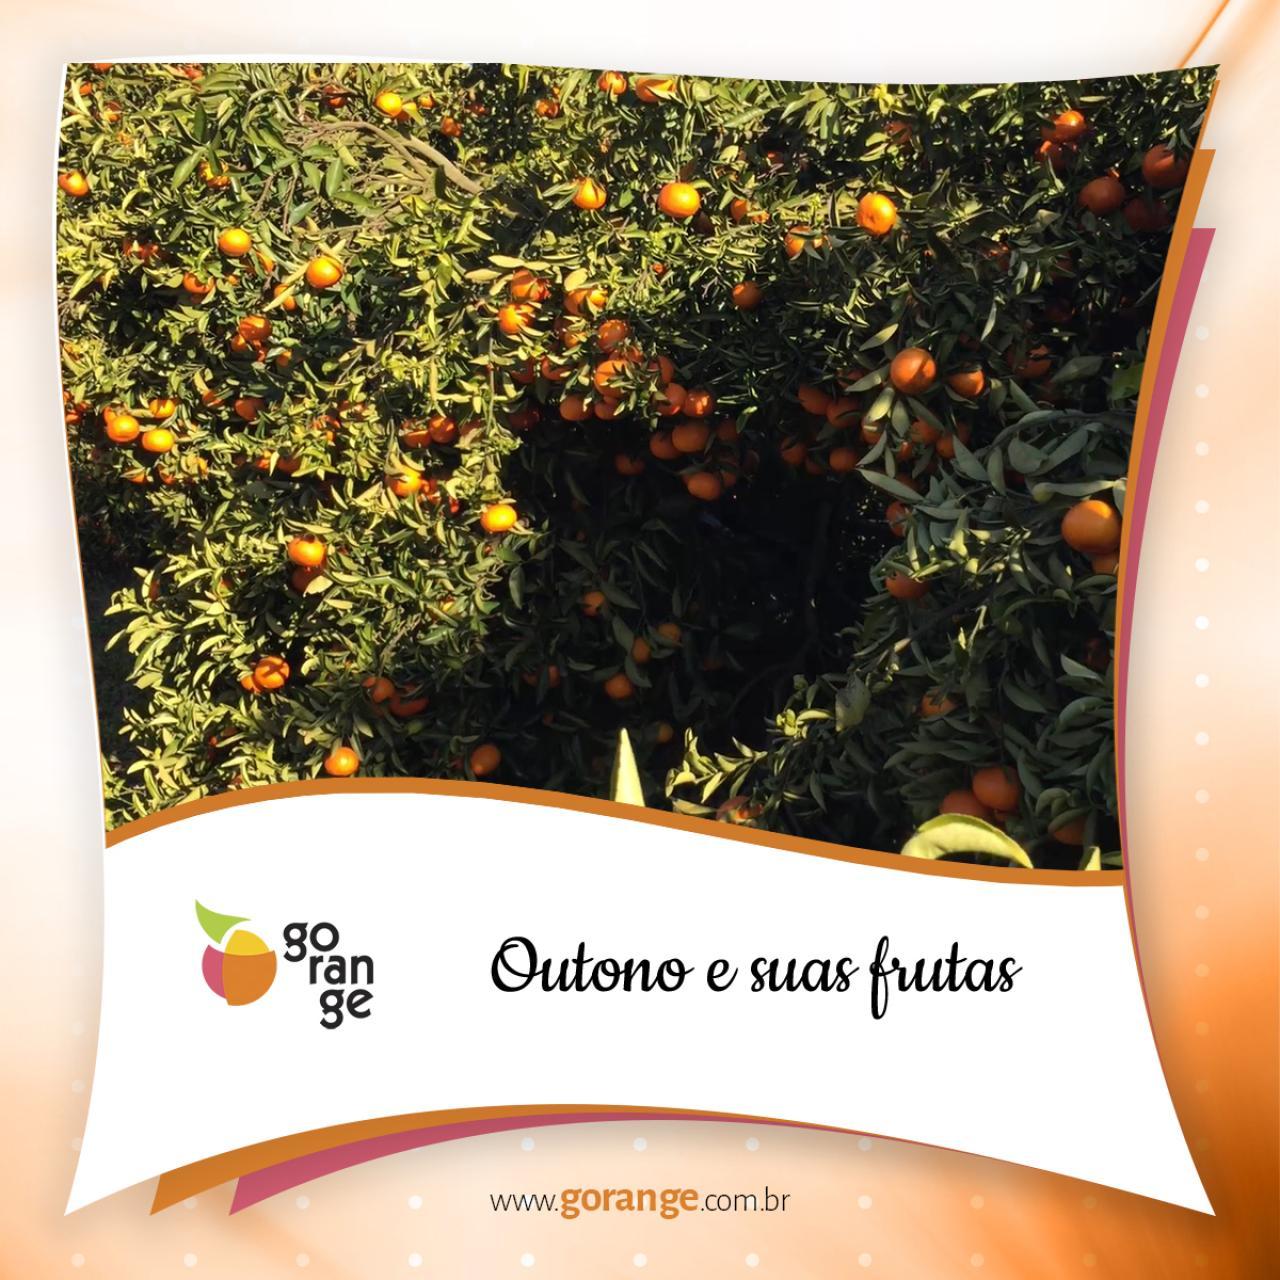 Outono e suas frutas